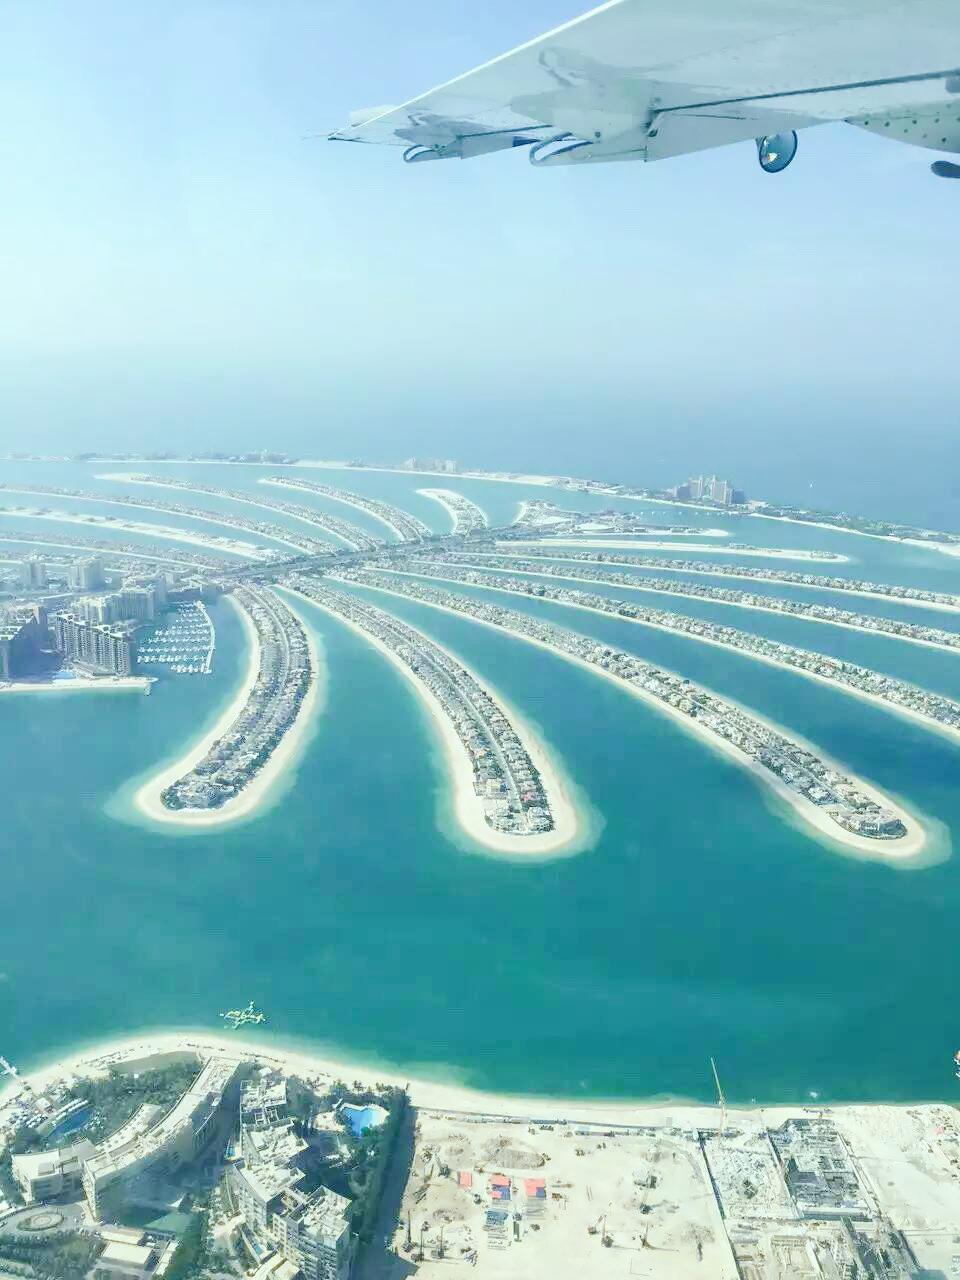 青岛特价去迪拜旅游团-帆船酒店,八星皇宫酒店,汽车公园,迪拜黄金一条街,沙漠冲沙6日游q